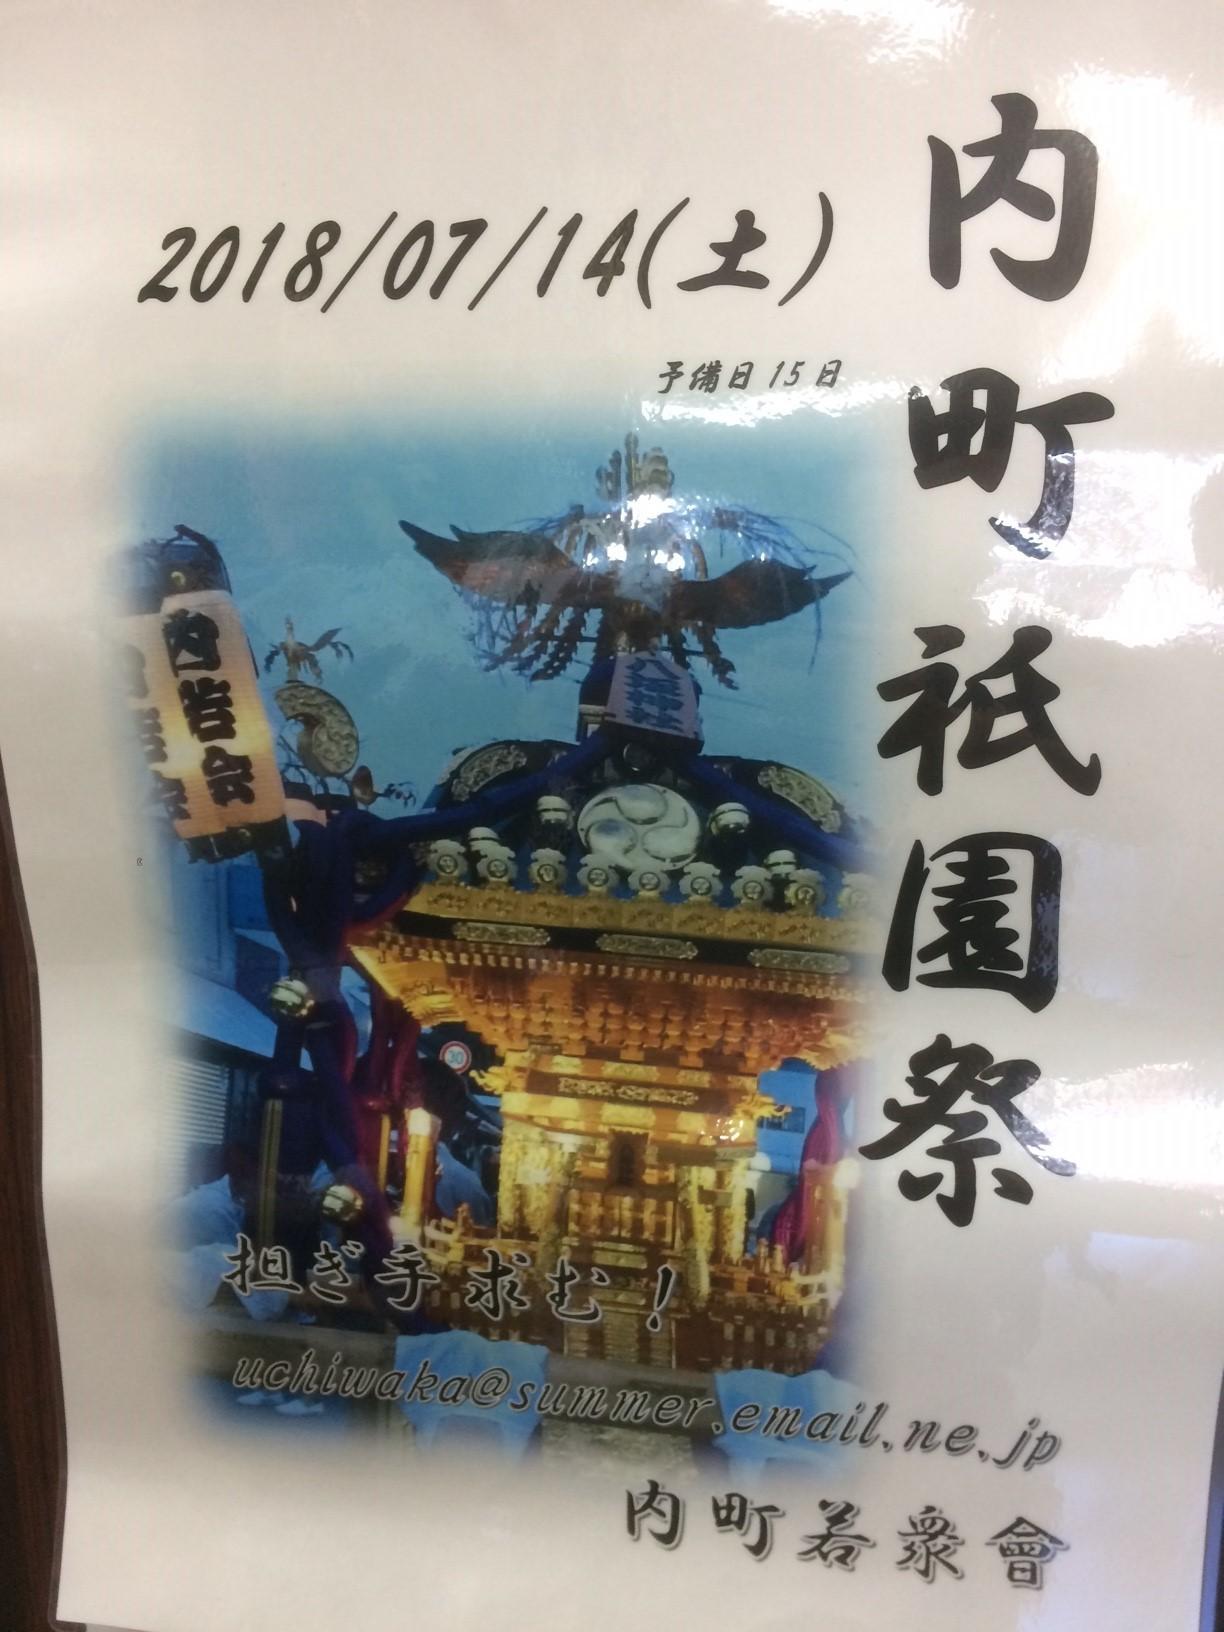 ☆7月14日(土)は13時から交通規制になります!&新入荷地ビール☆_c0175182_14374763.jpg